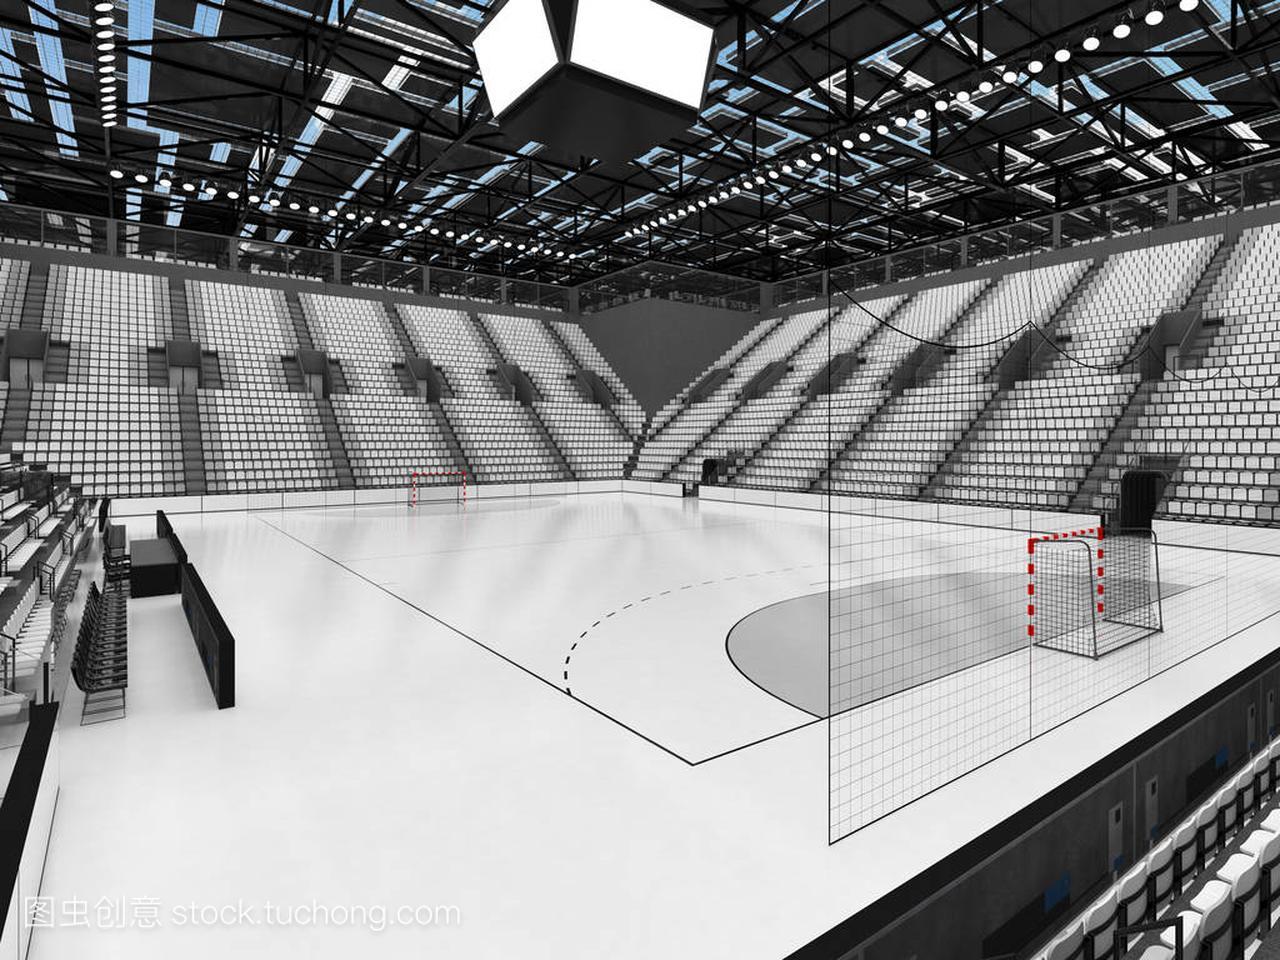 现代男孩竞技场体育与白色球迷和1万座椅的喜欢v男孩的性格的手球图片